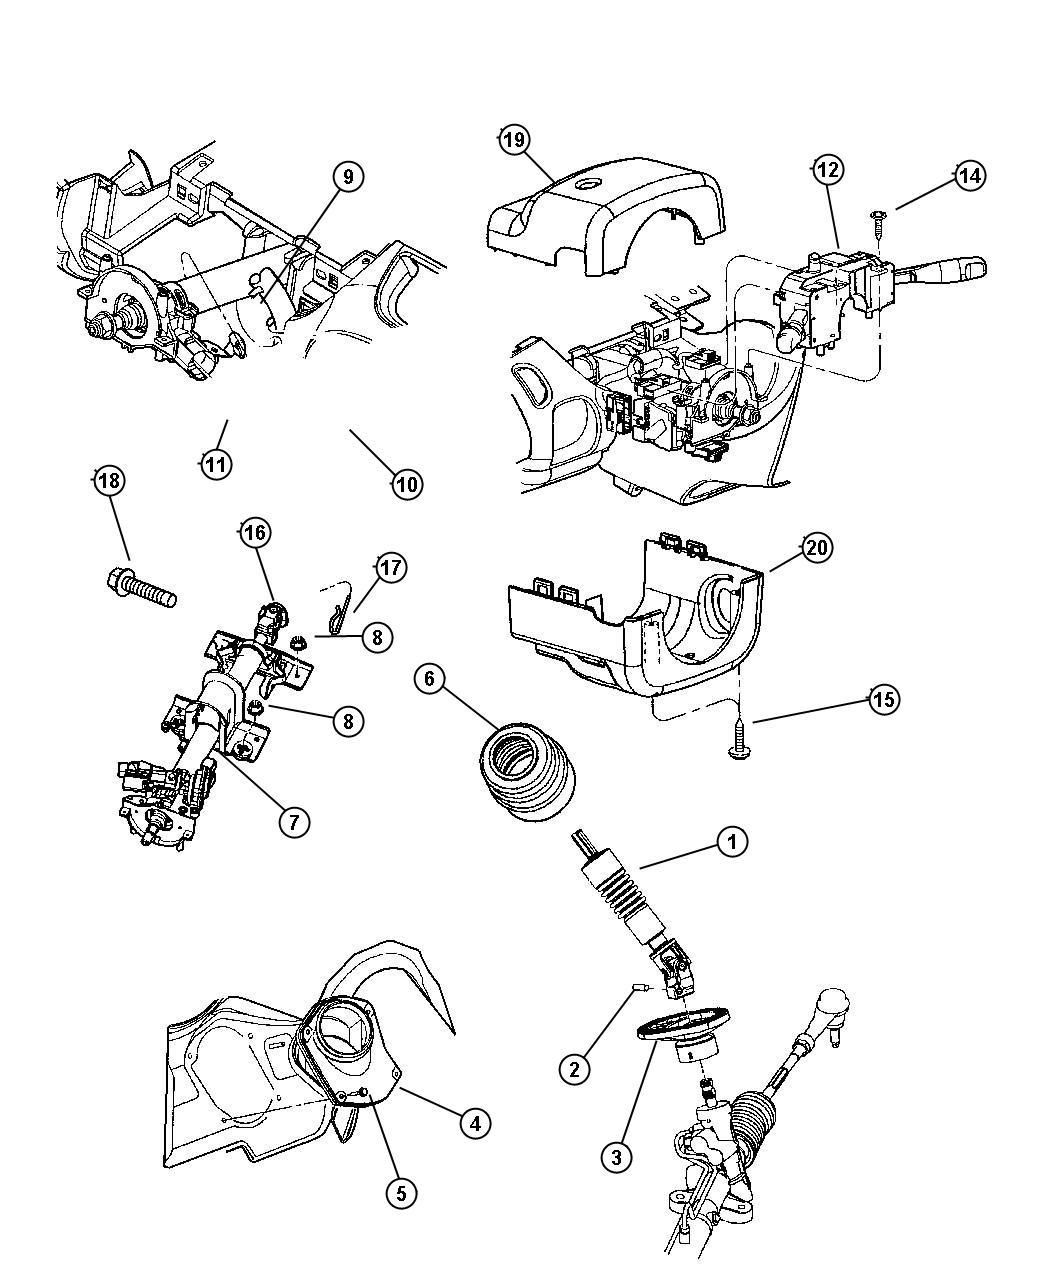 Dodge Neon Column Steering Tilt Sua Abb With Tilt